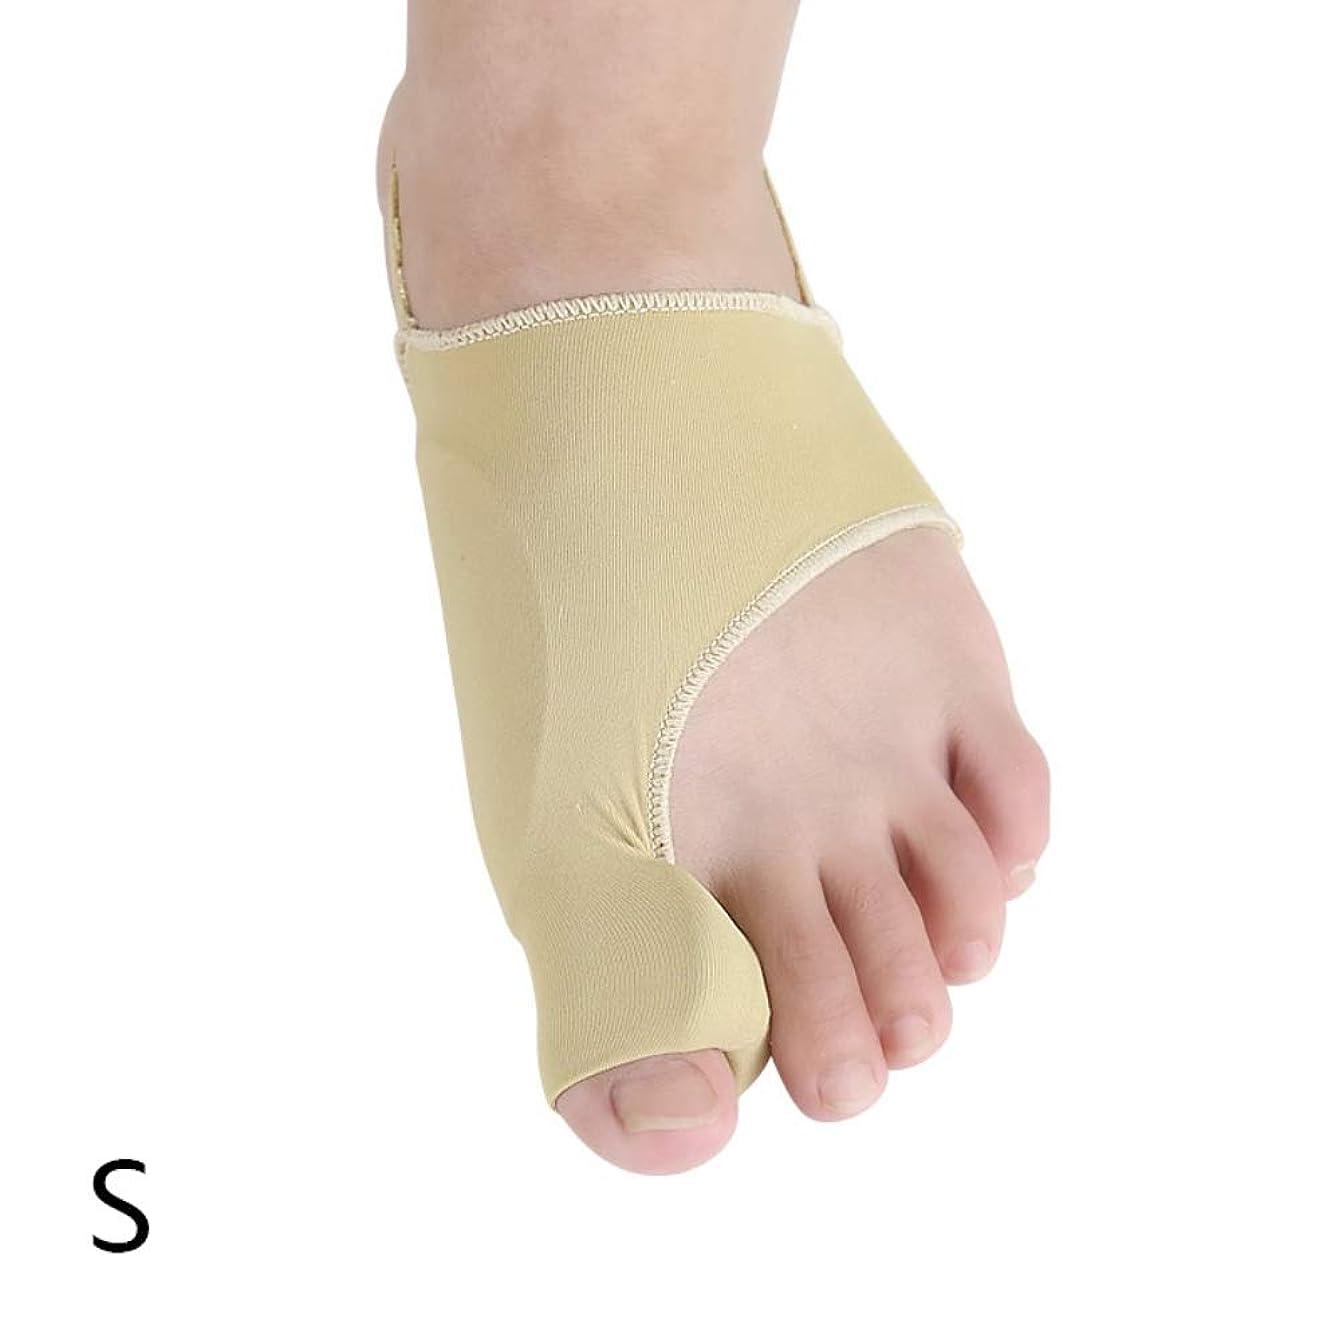 ガスラウズ気がついてEsolom 男性と女性のつま先プロテクター 親指外反矯正 大骨矯正ベルト つま先セパレーター 毎日の使用 つま先の分離保護 フットケアツール